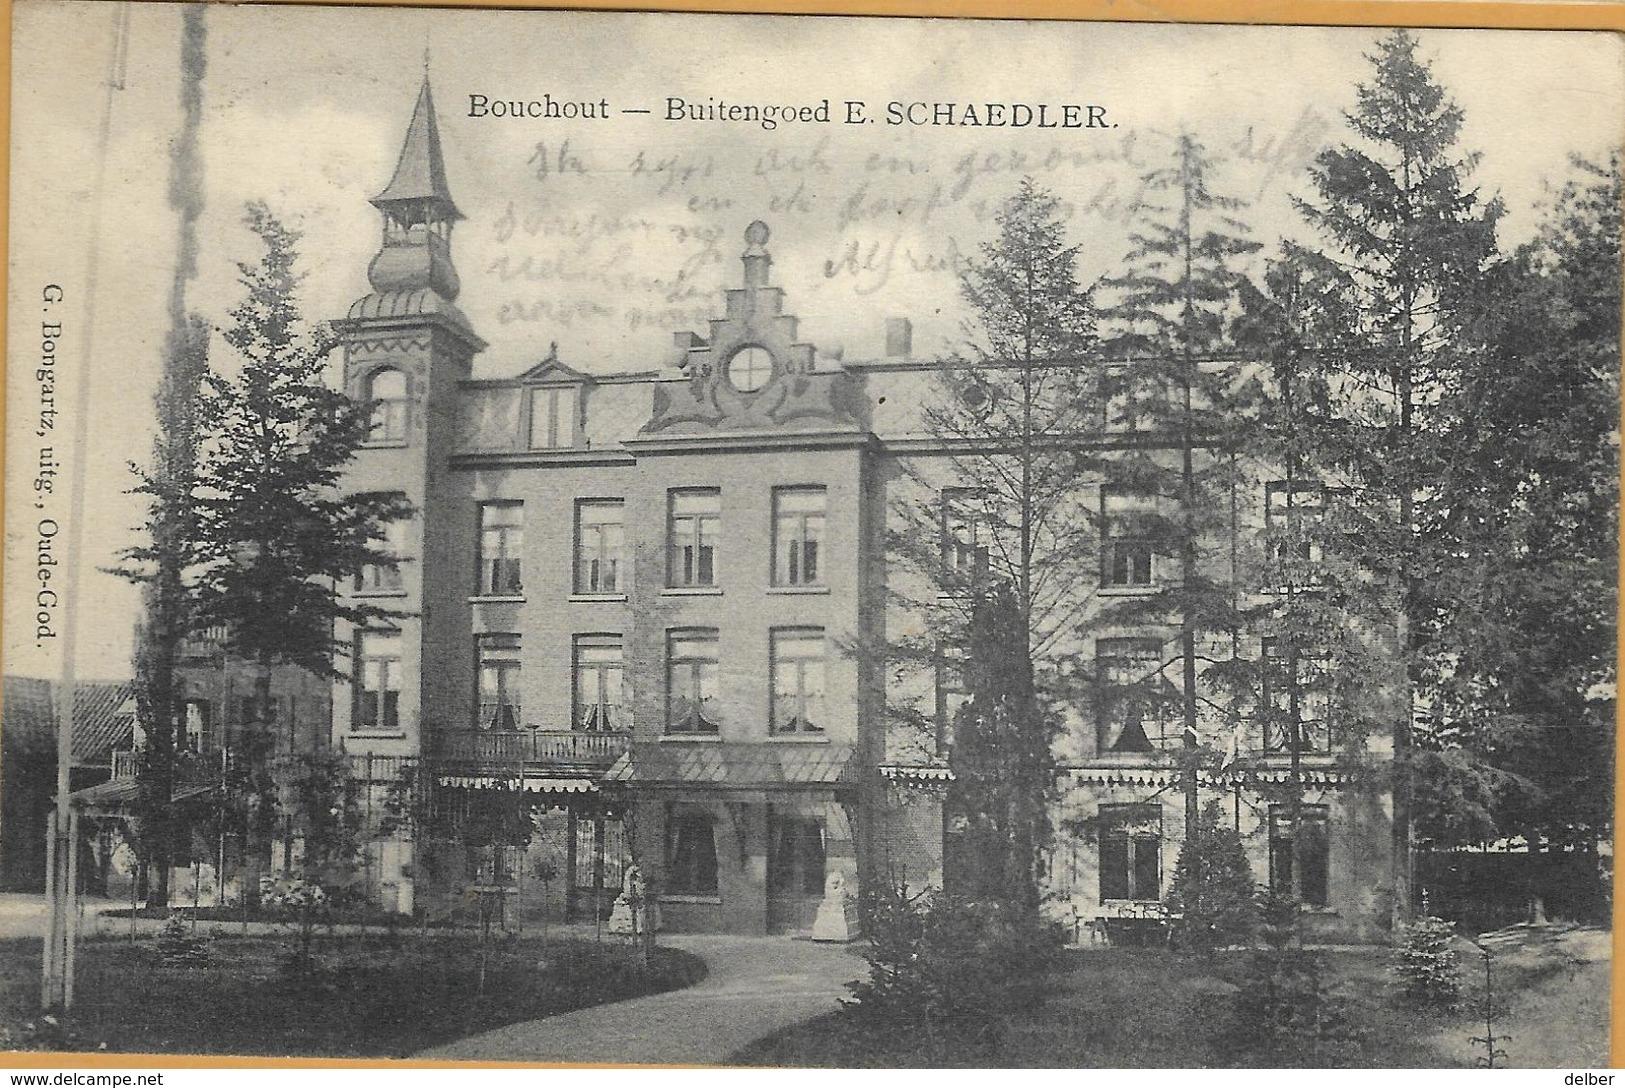 Op-396: S.M. BOUCHOUTE(LIER) 15 IX 1914 > PANNE 5 IX 1914 : Pk: Bouchout -Buitengoed E.SCHAEDELER - Invasion